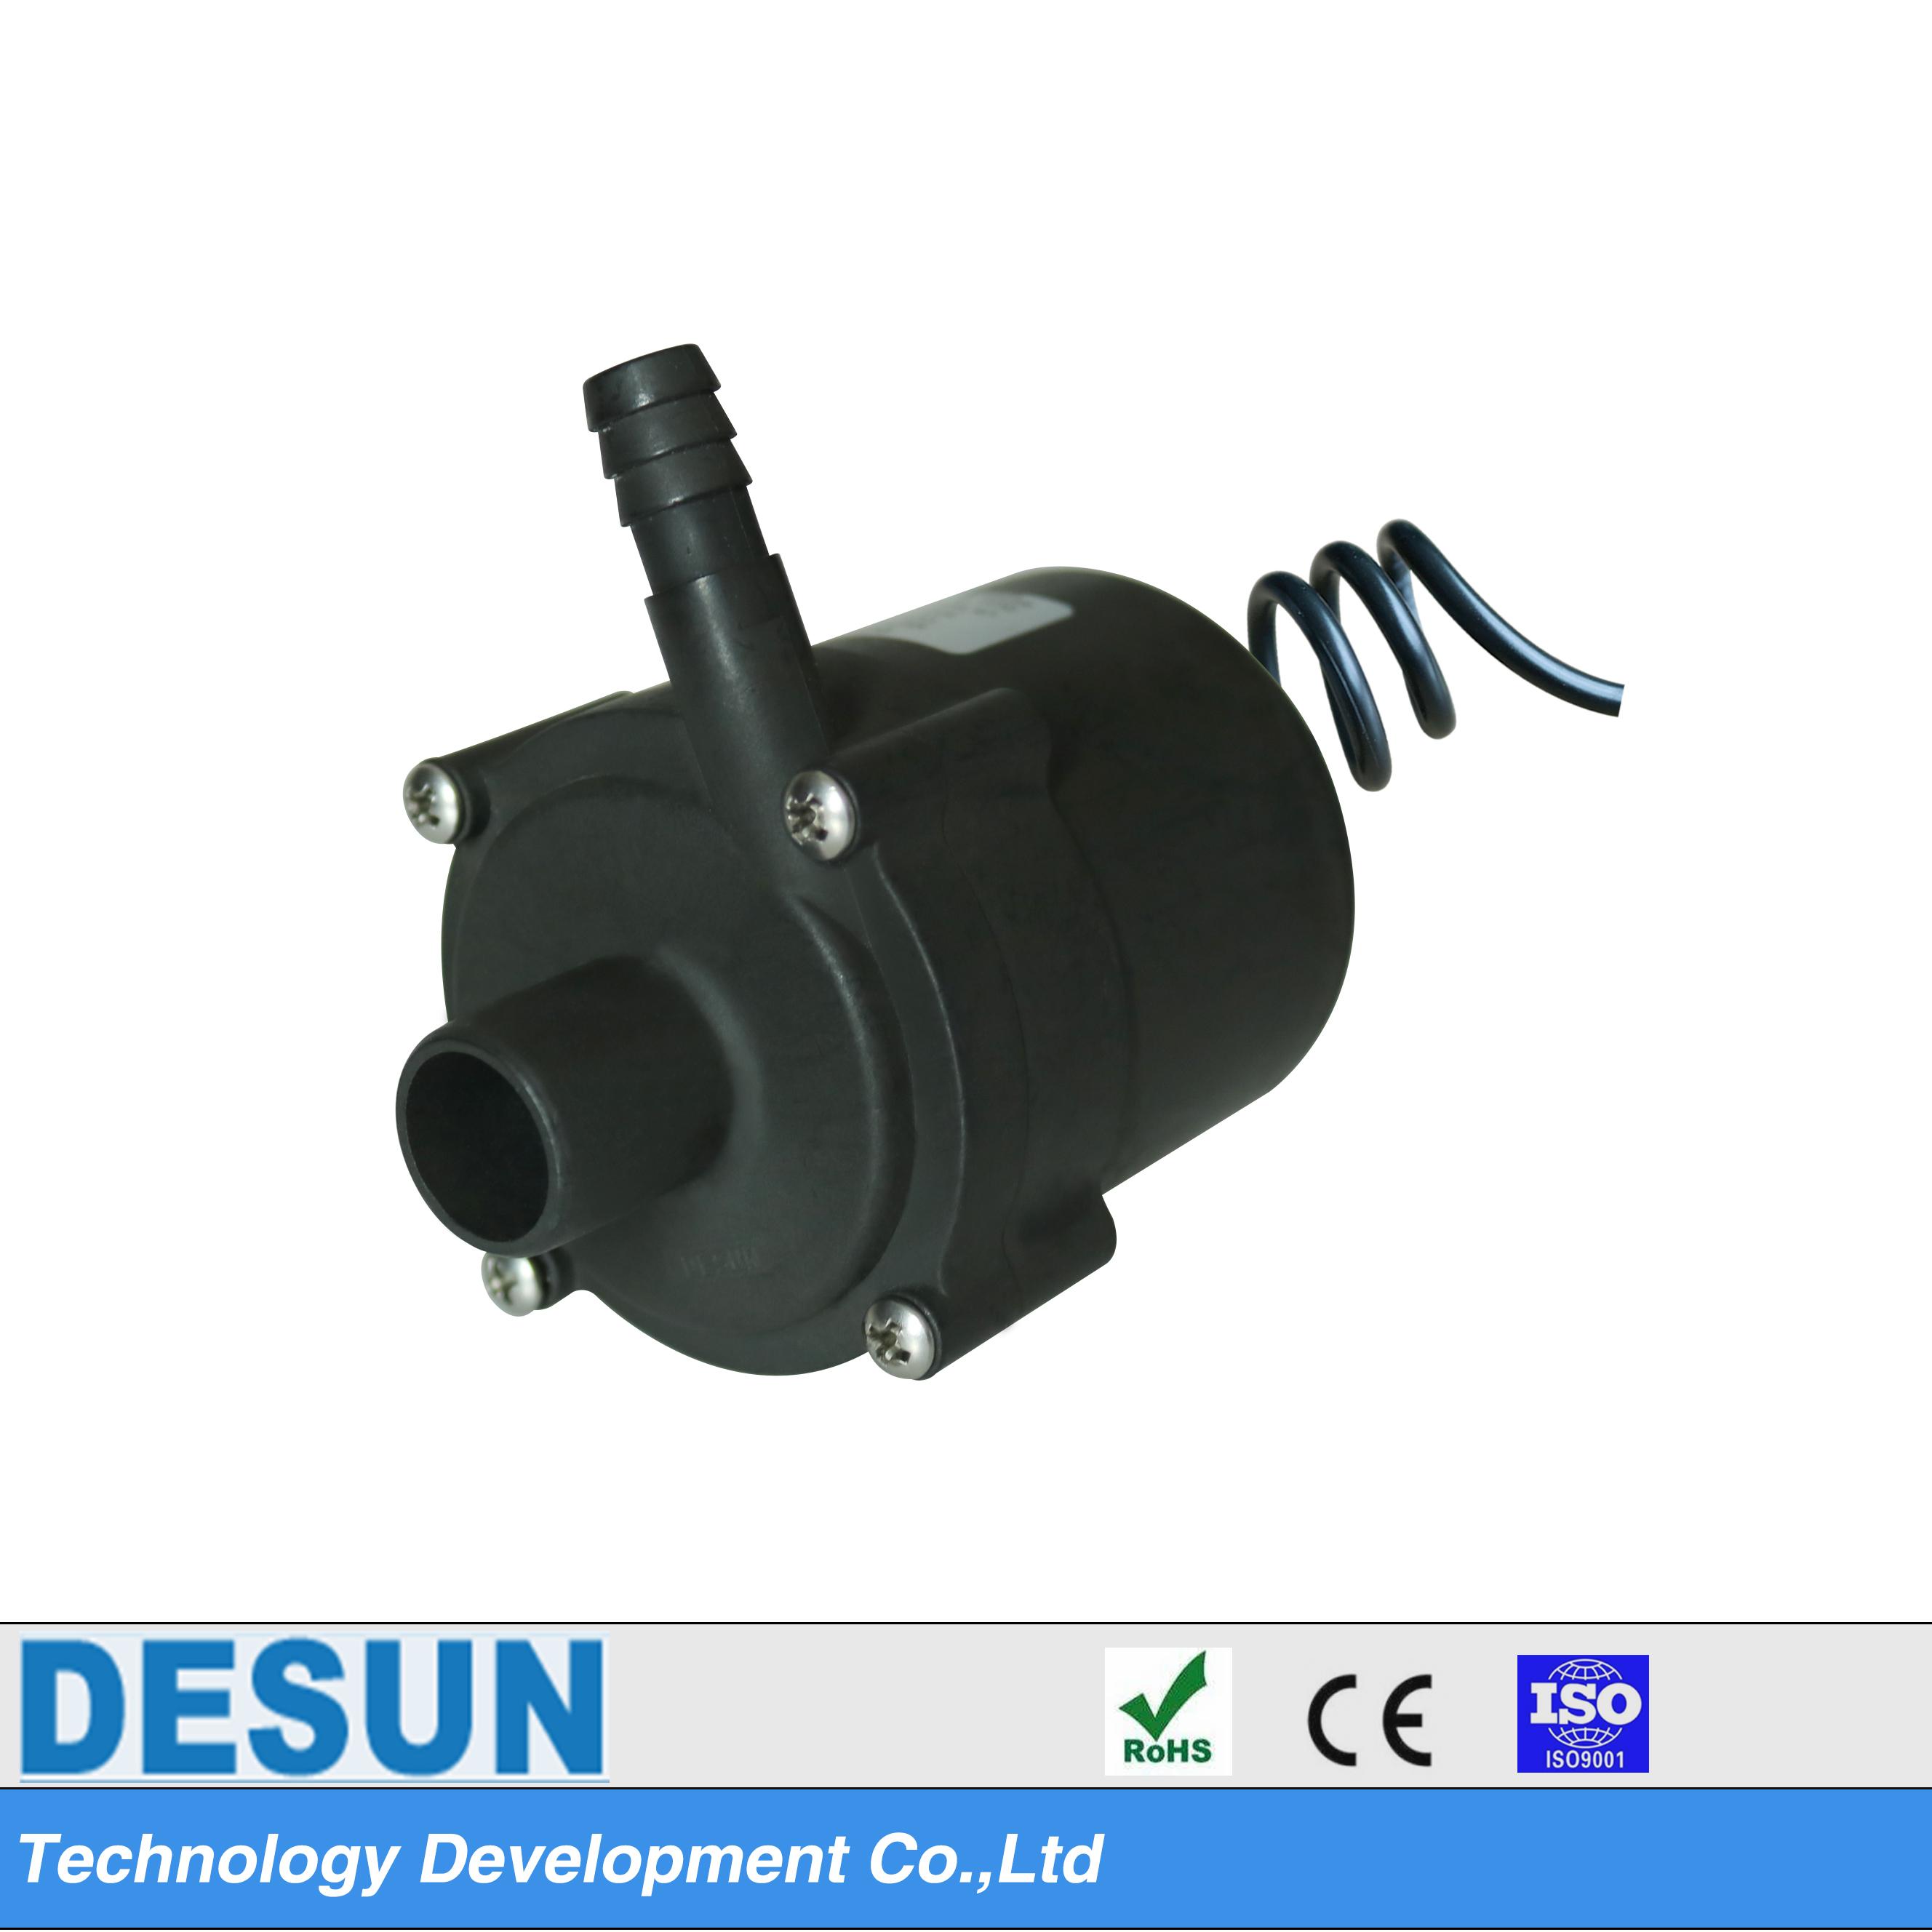 微型直流无刷潜水泵DS6003